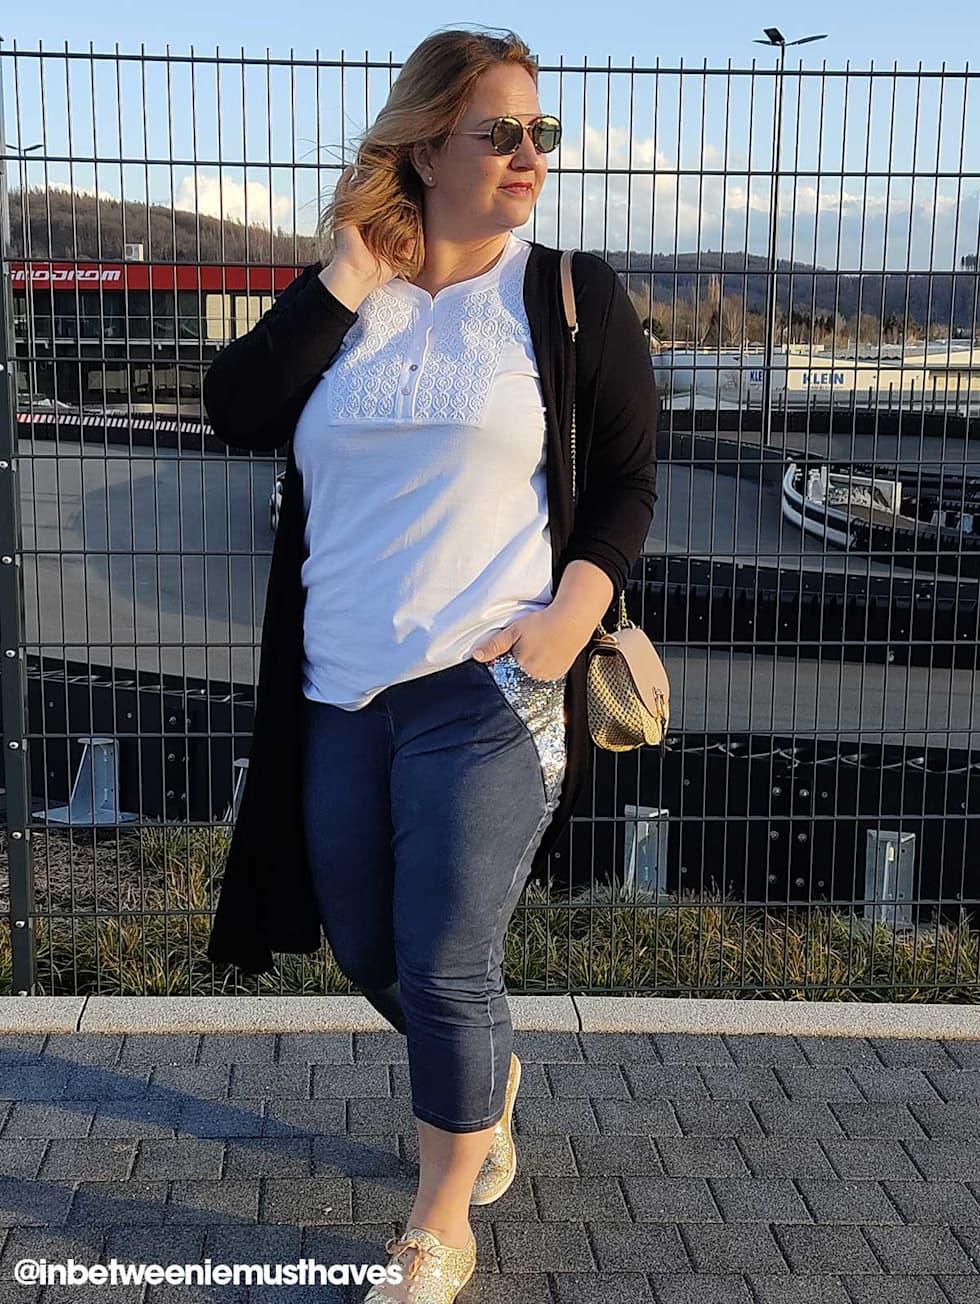 MIAMODA Große Größen Bloggerin @inbetweeniemusthaves